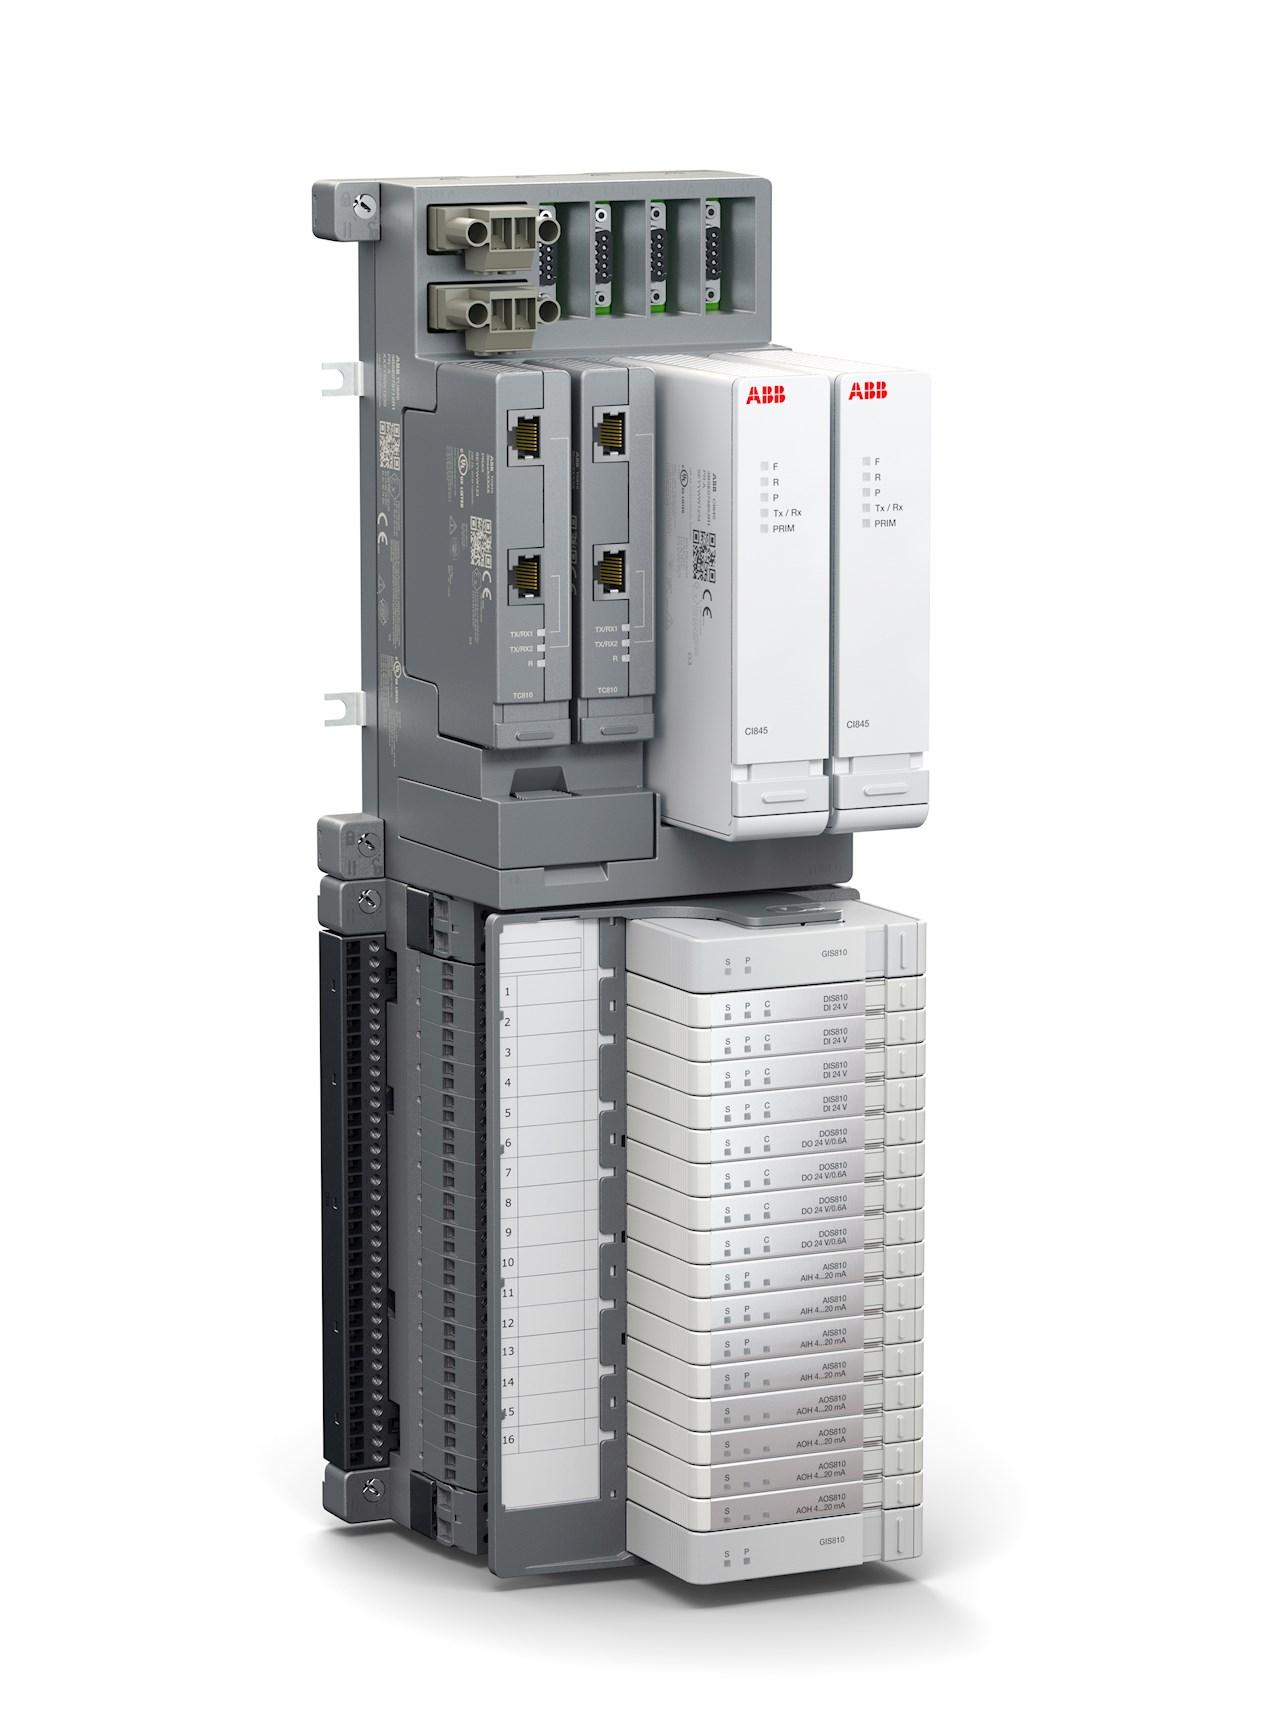 Select I/O: Ett modulärt, 1-kanals, Ethernet baserat I/O, som kan ersätta traditionell korskoppling, med en mjukvarobaserad korskoppling i ABB Ability™ System 800xA.